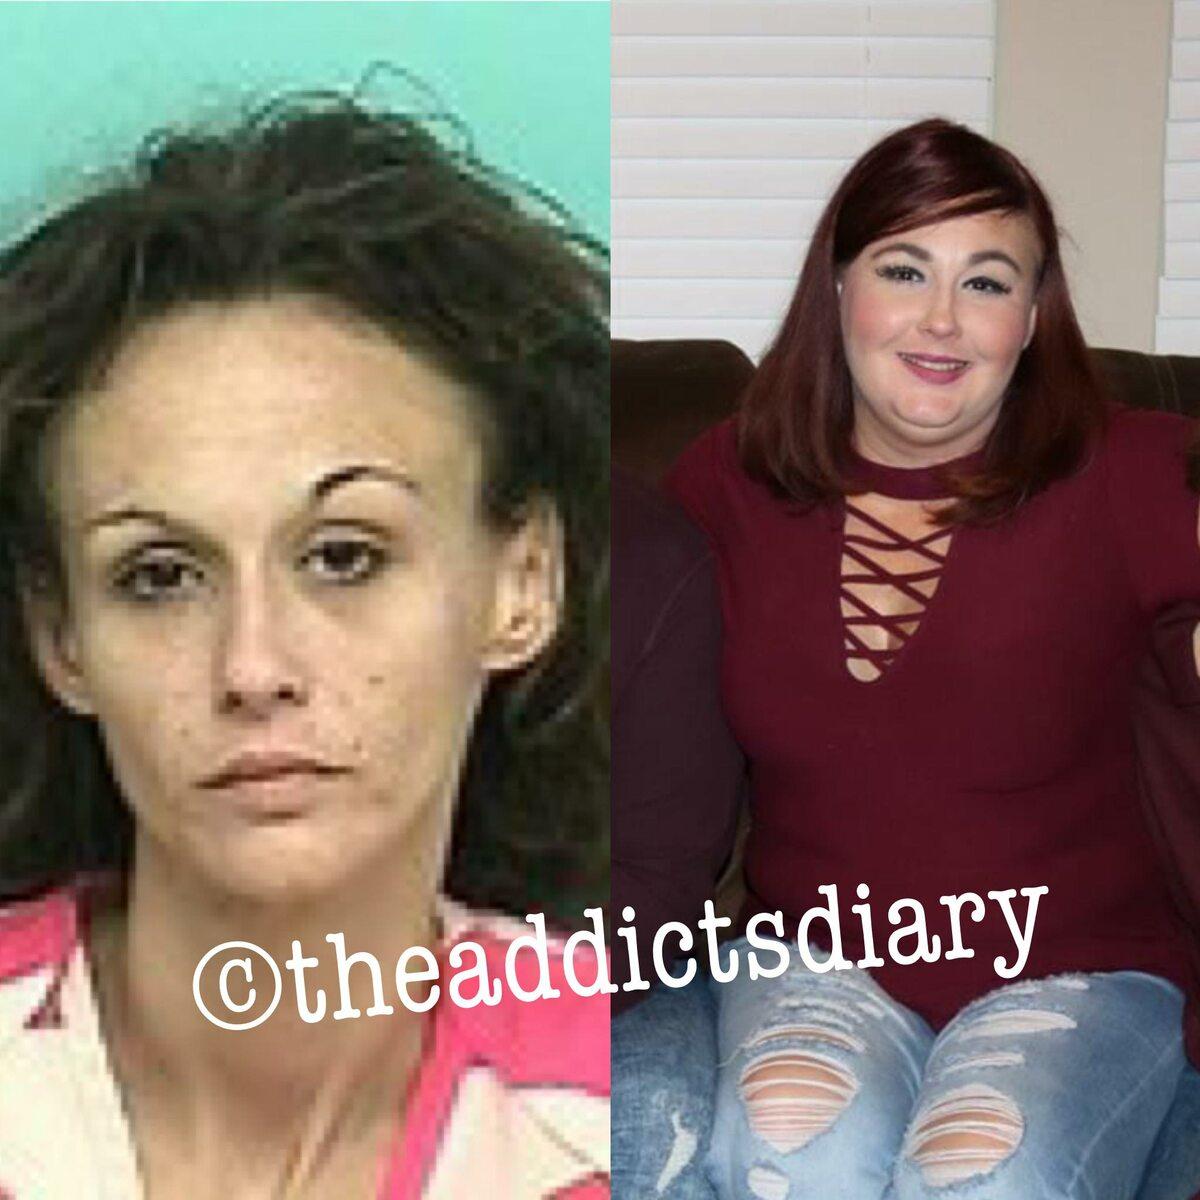 Przed i po odstawieniu narkotyków